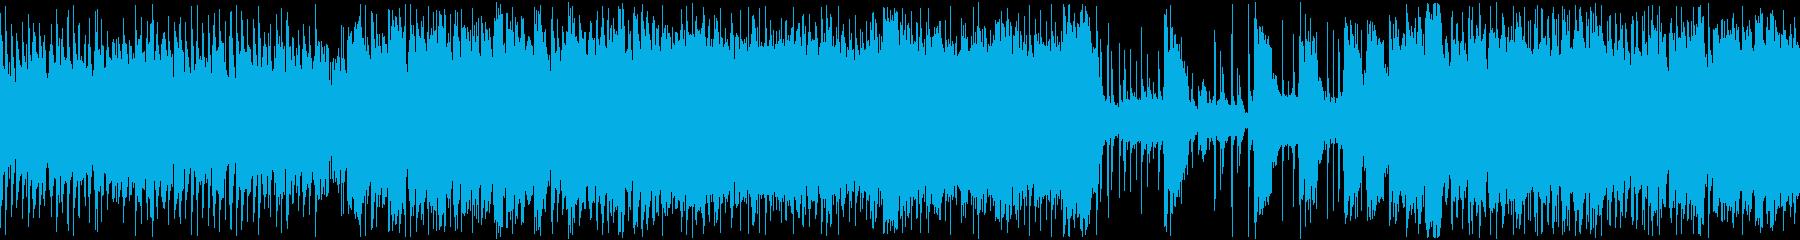 【ループBGM】動物ジャズロックショー!の再生済みの波形